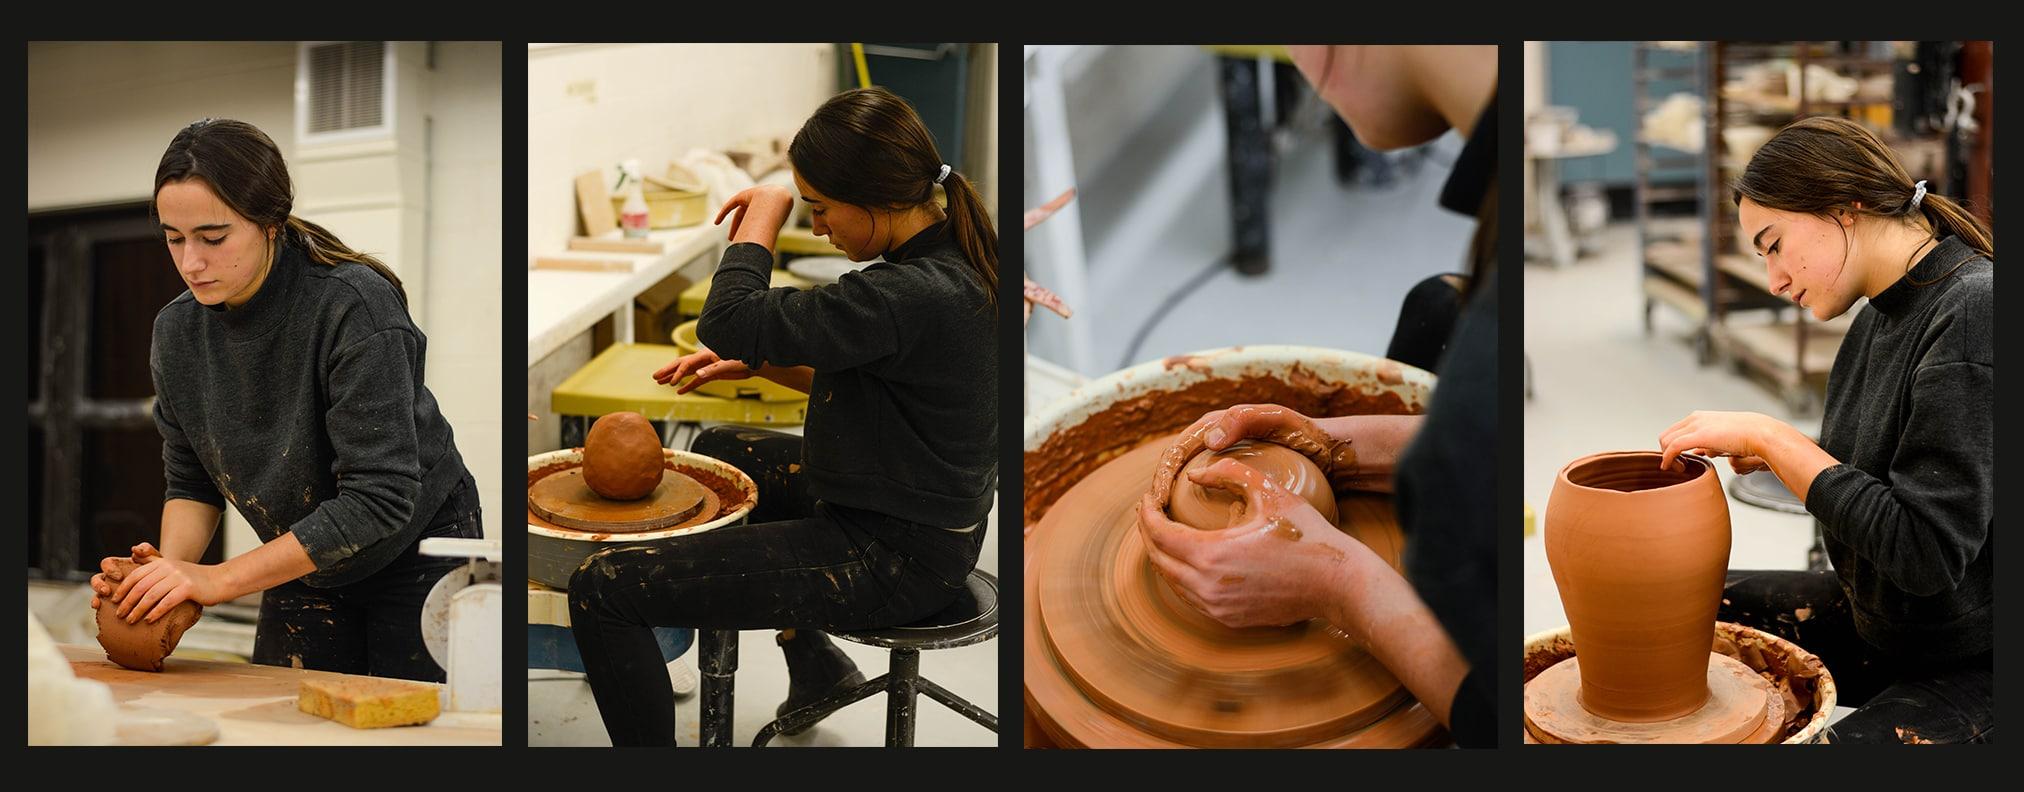 Souza Artist Profile - Sculpture series